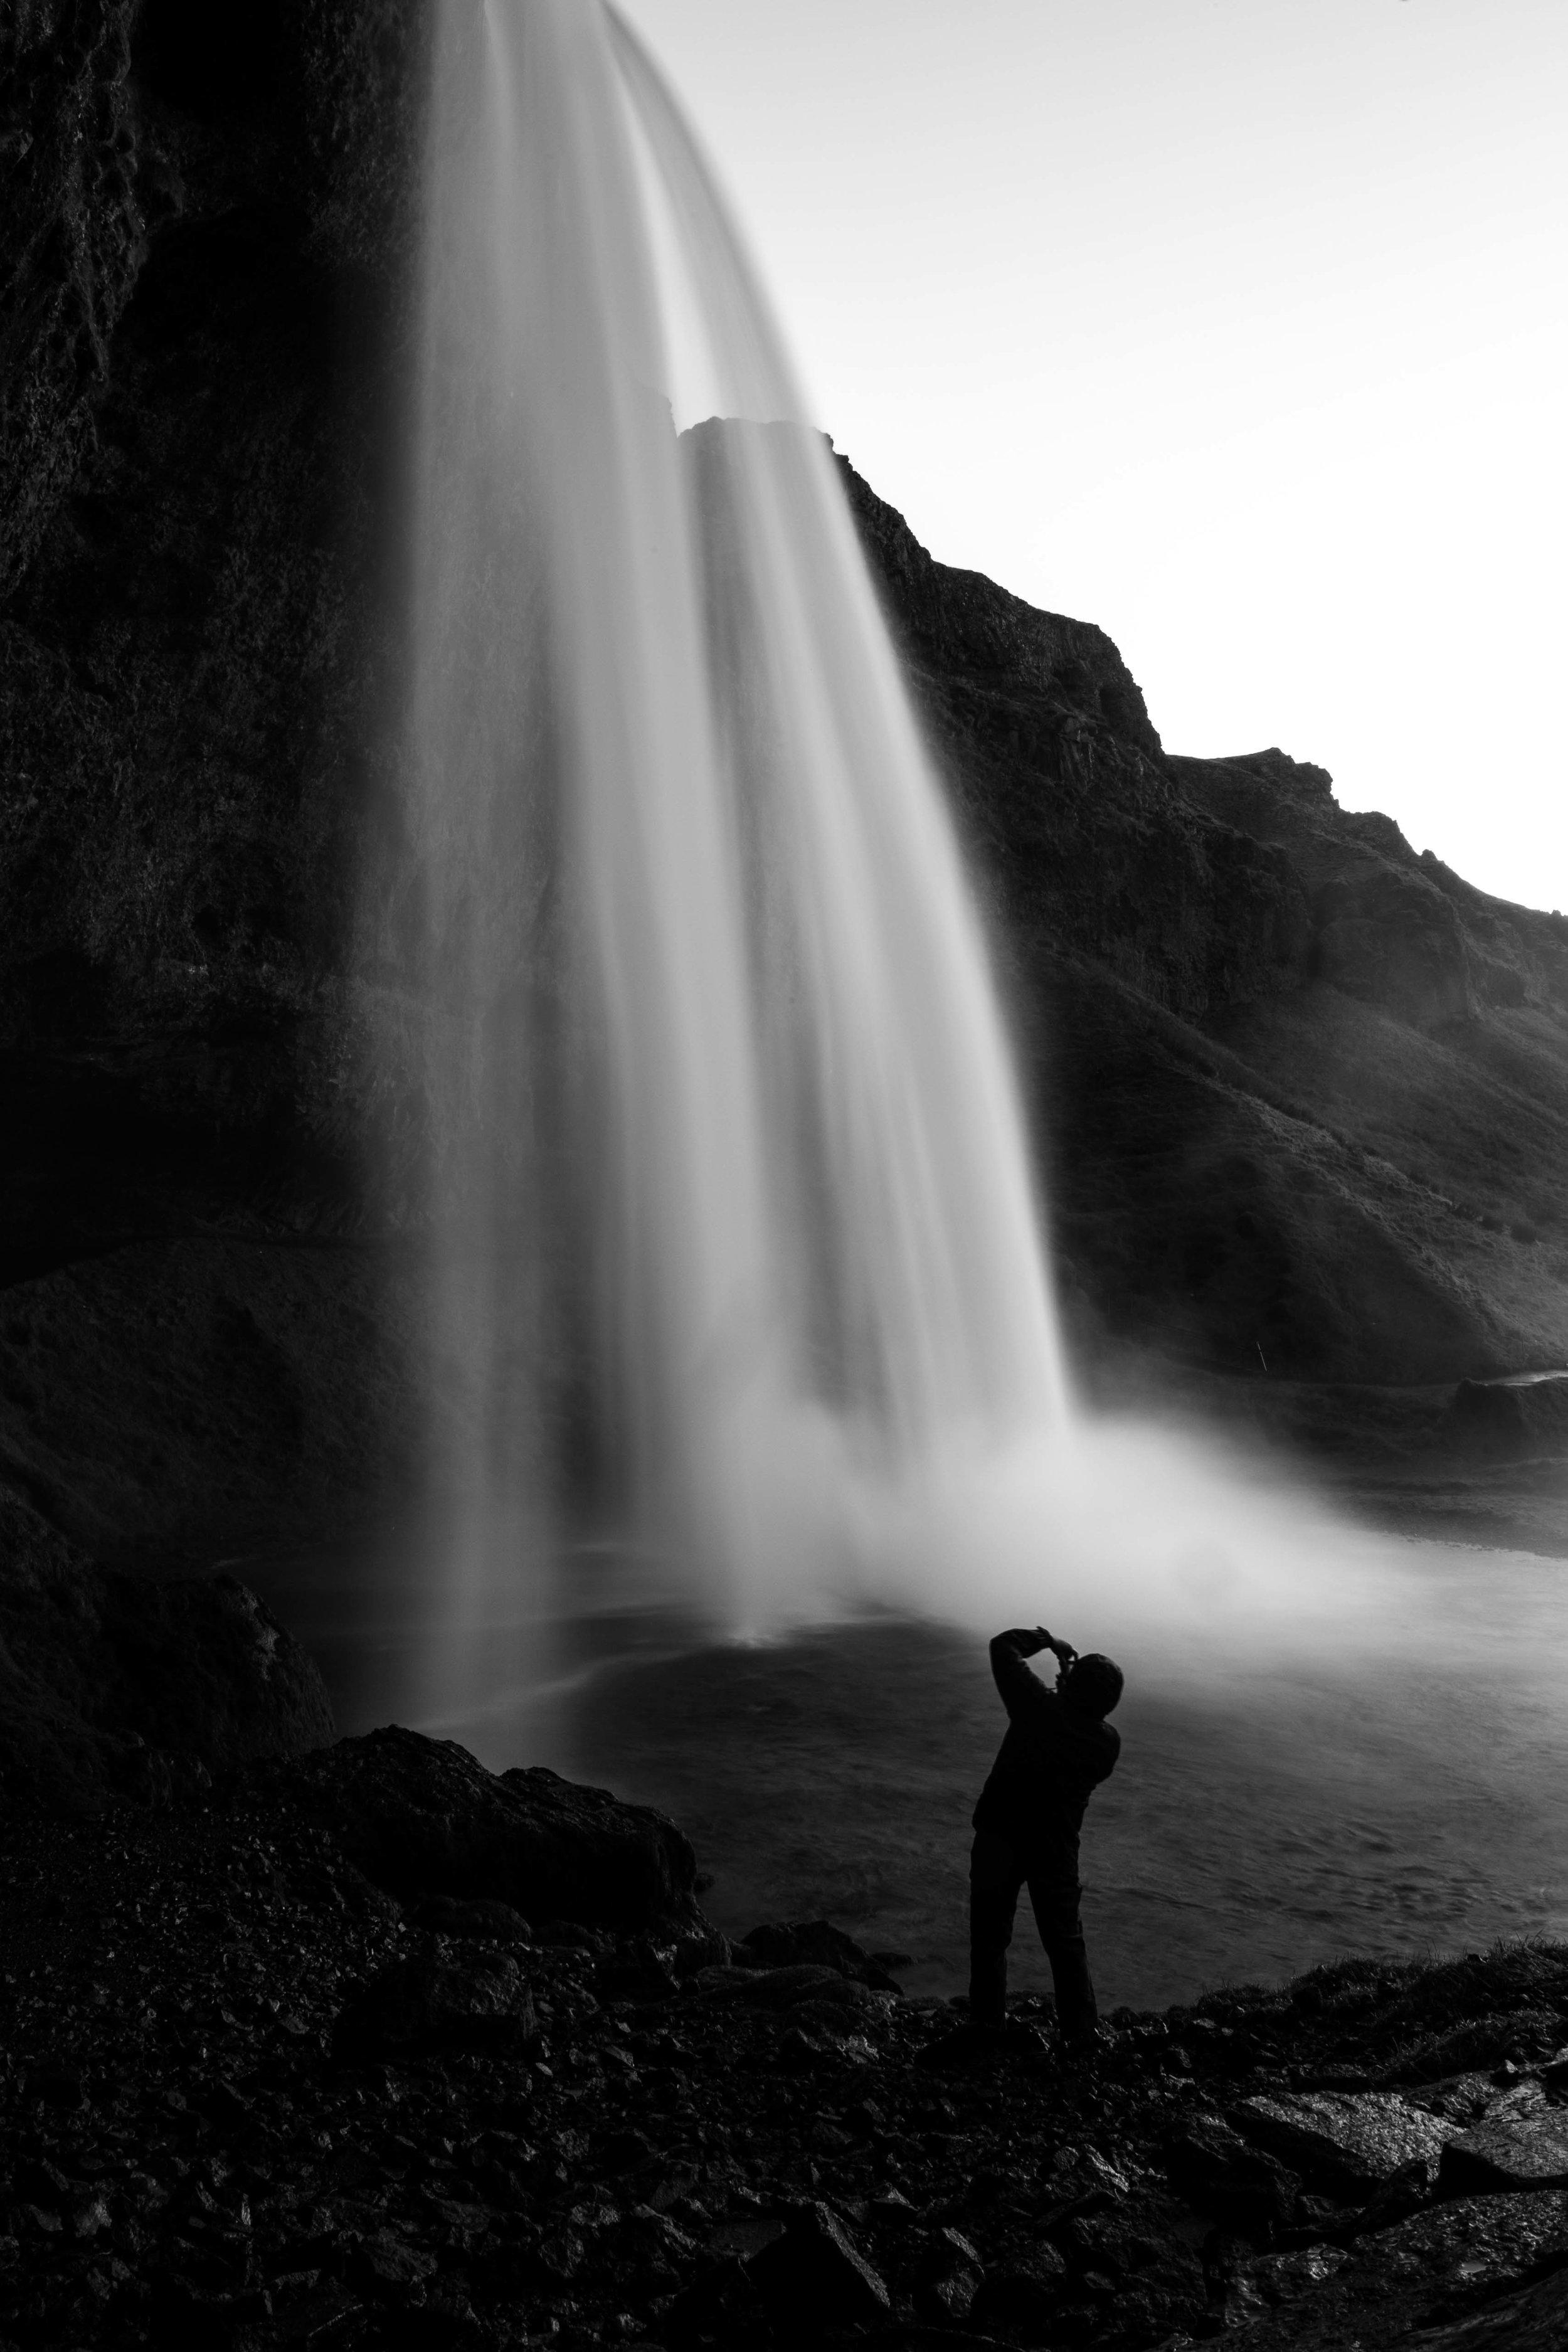 A man photographs Seljlandsfoss, a waterfall - Iceland